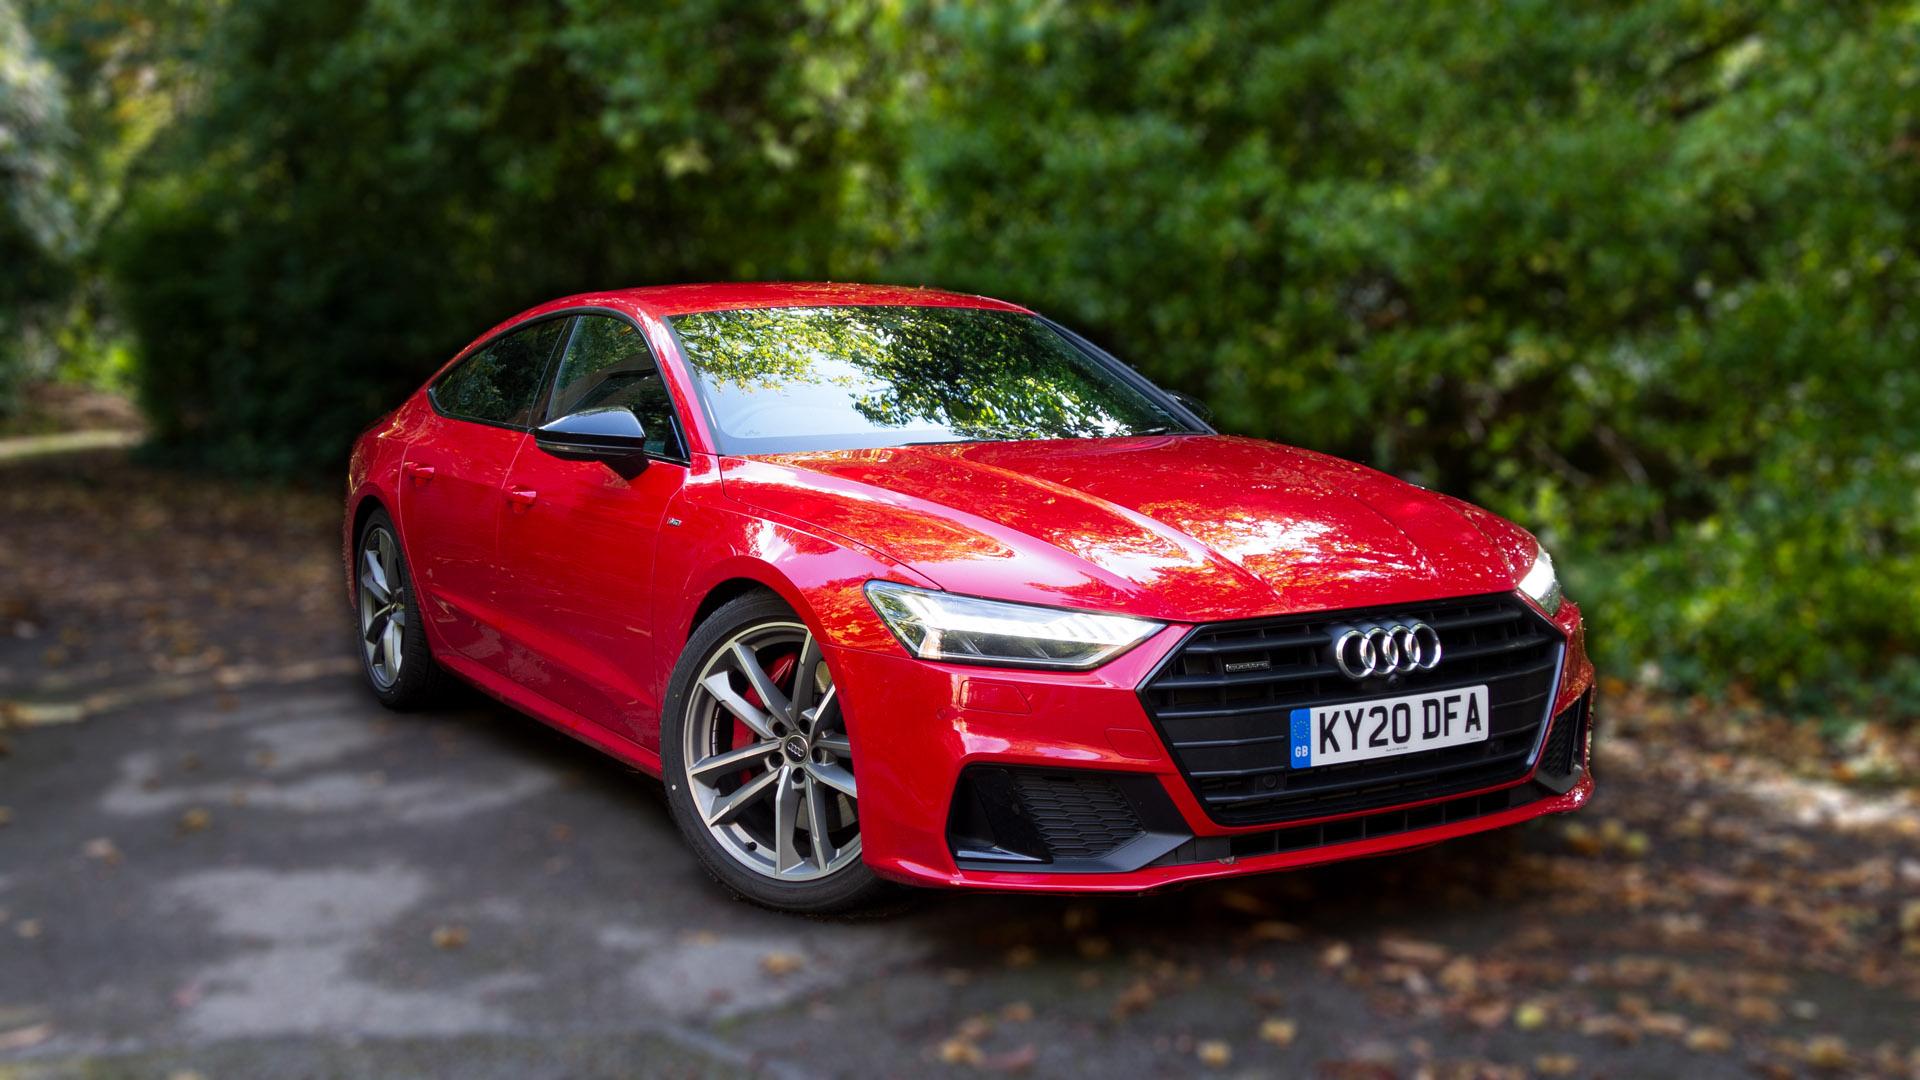 Audi A7 TFSIe review